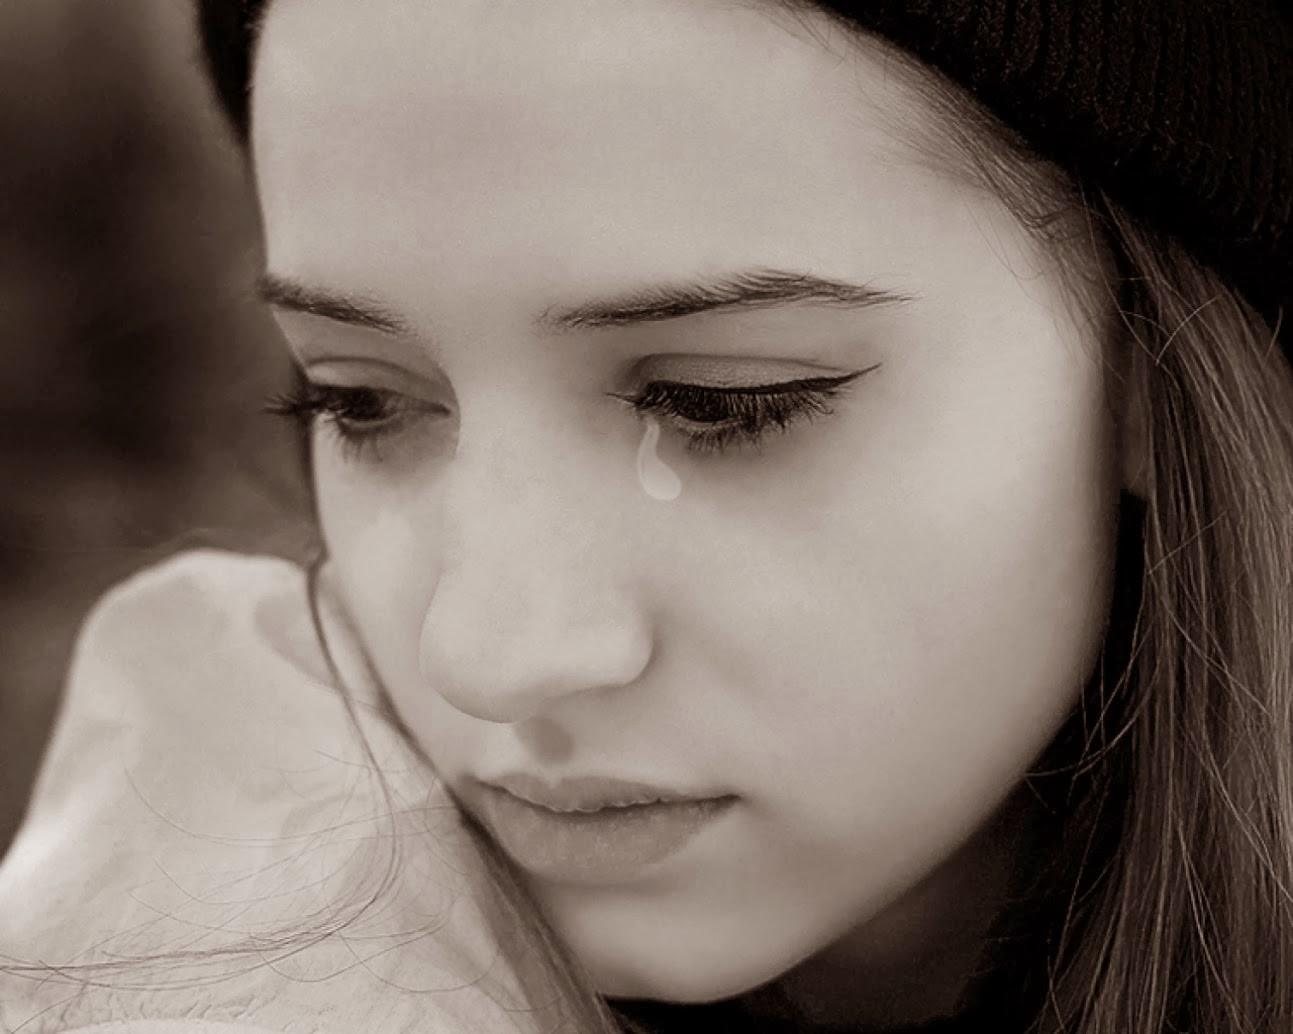 صور صور حزينه بنات , شاهد بالصور صدمات البنات العاطفية